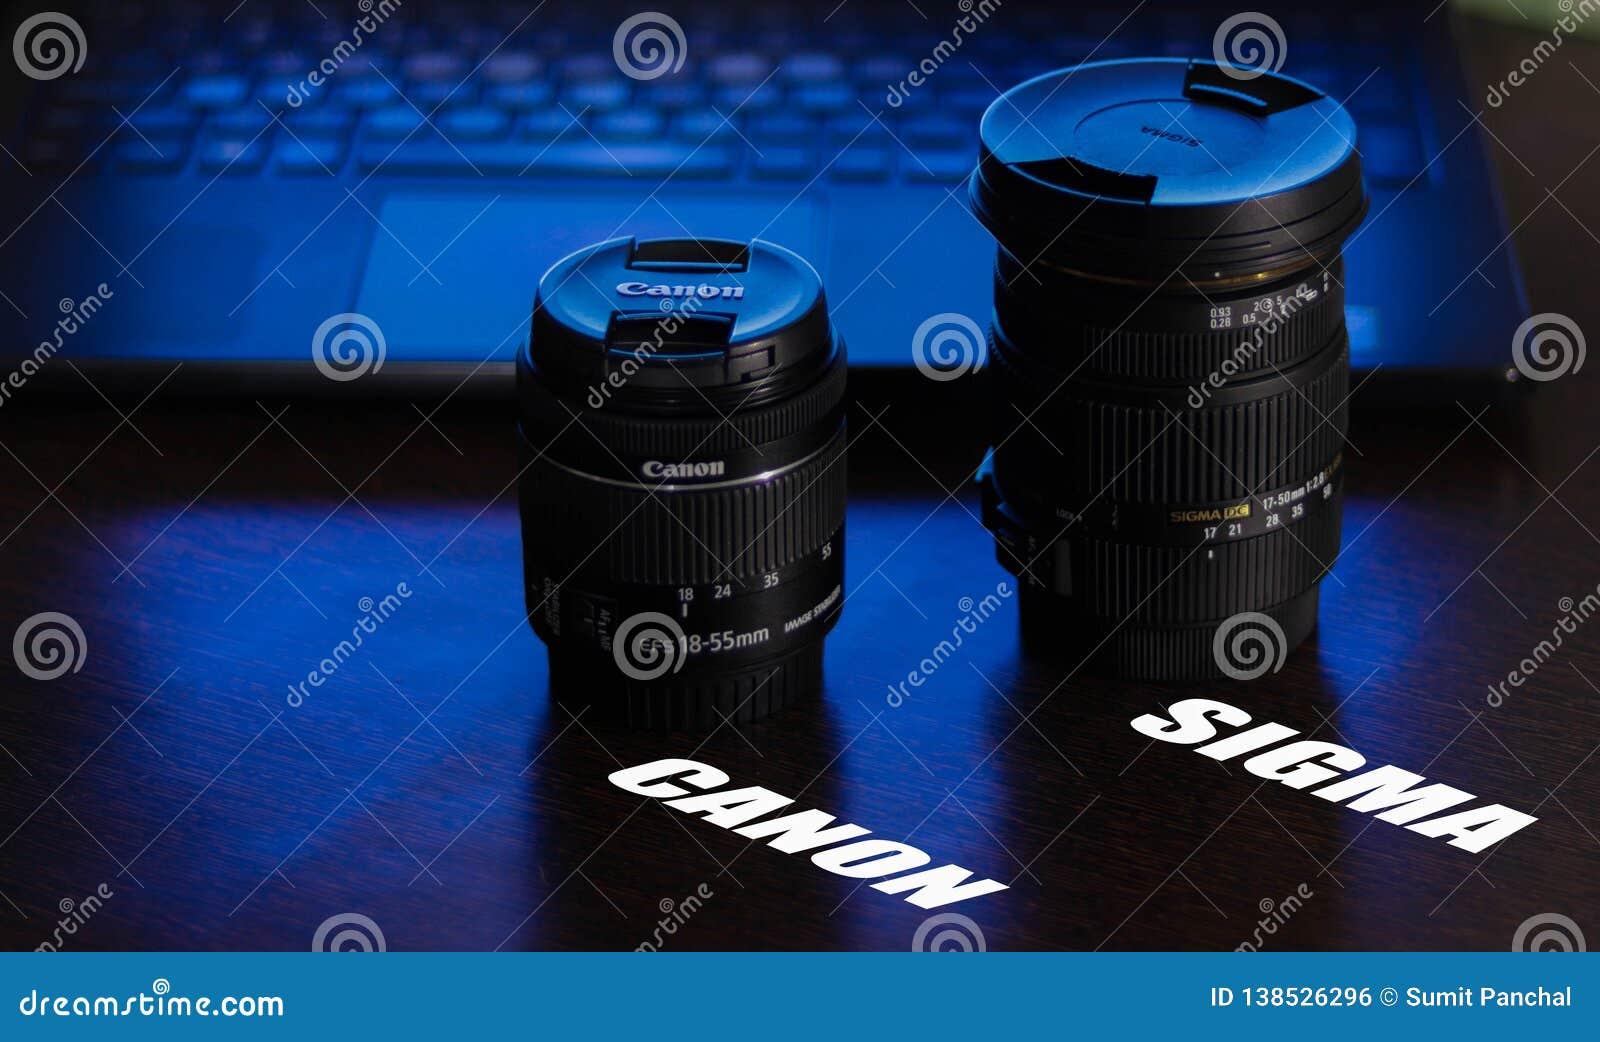 Objectifs de caméra Canon et sigma sur la table avec la lumière violette bleue du fond, le clavier d ordinateur portable et le pa